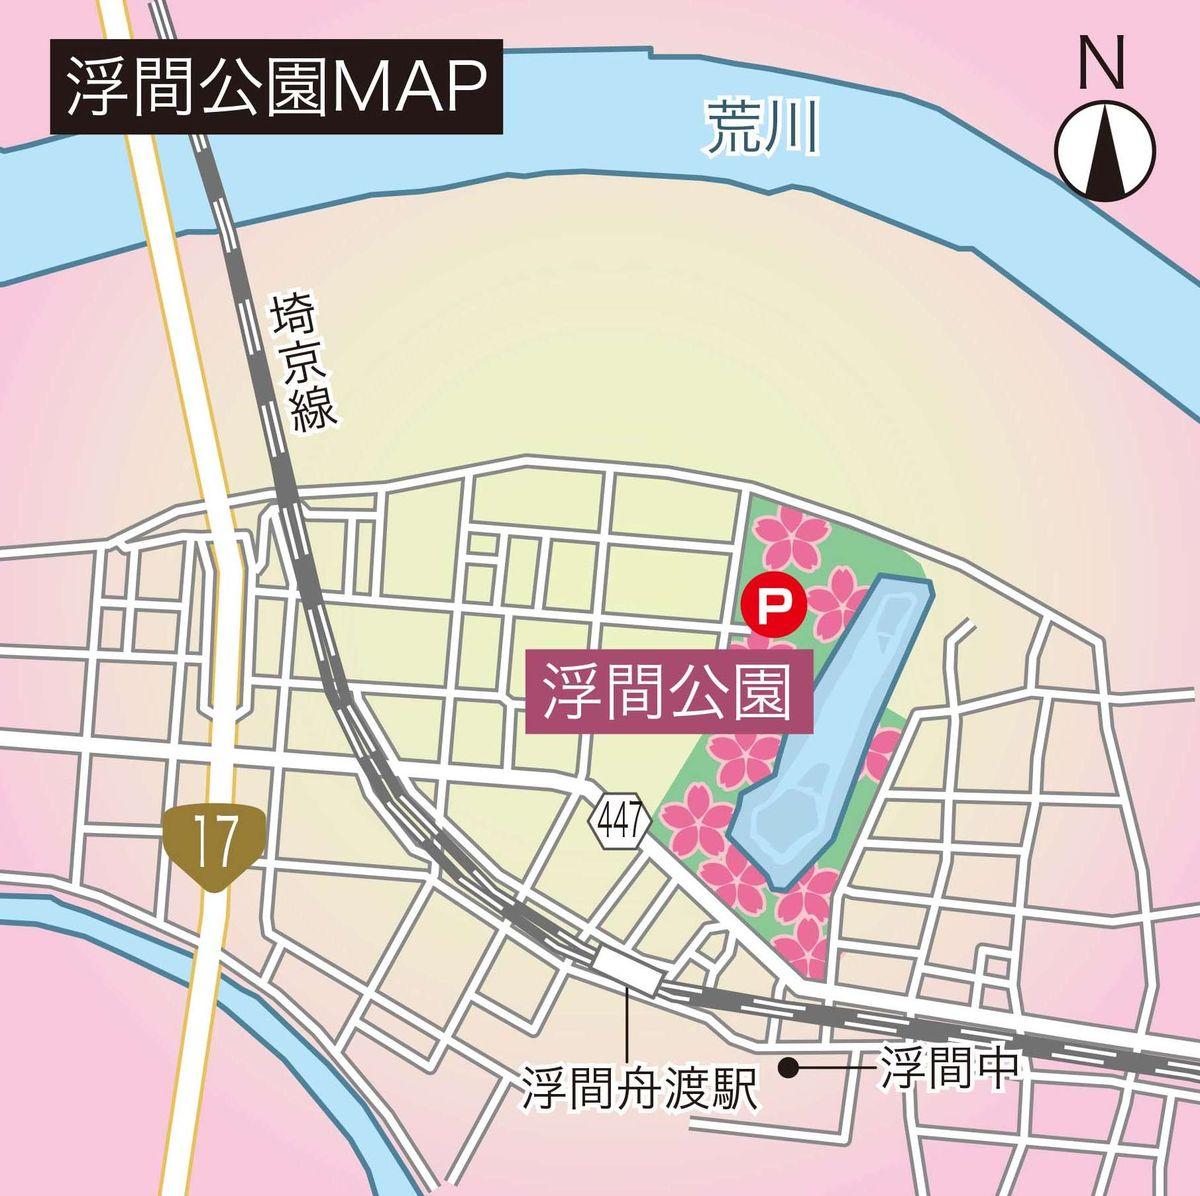 031-035ohanami_tsuriba_cs6 (2)